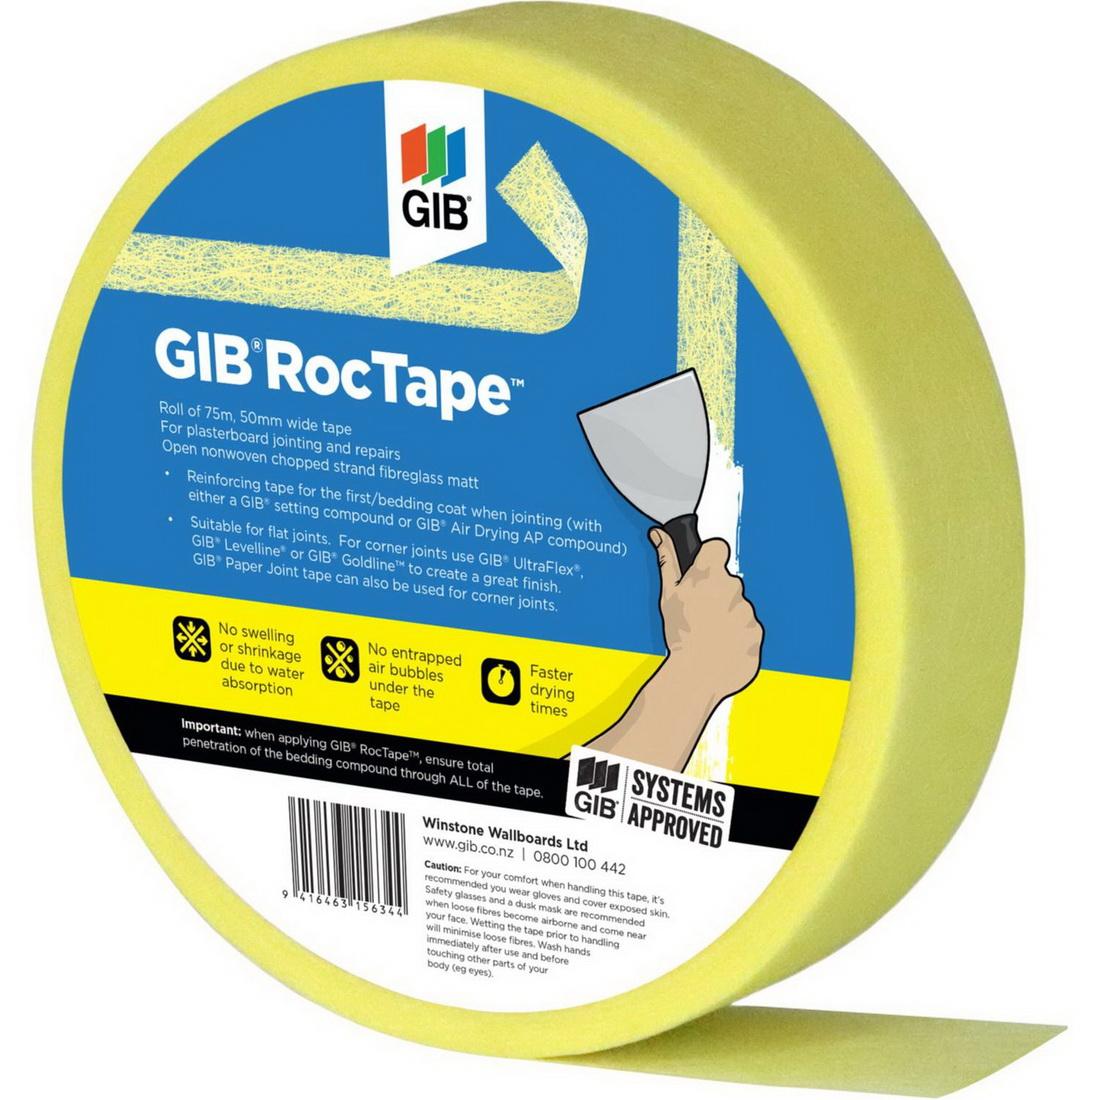 Roctape 50mmx75m Roll Matt Fibreglass Joint Tape